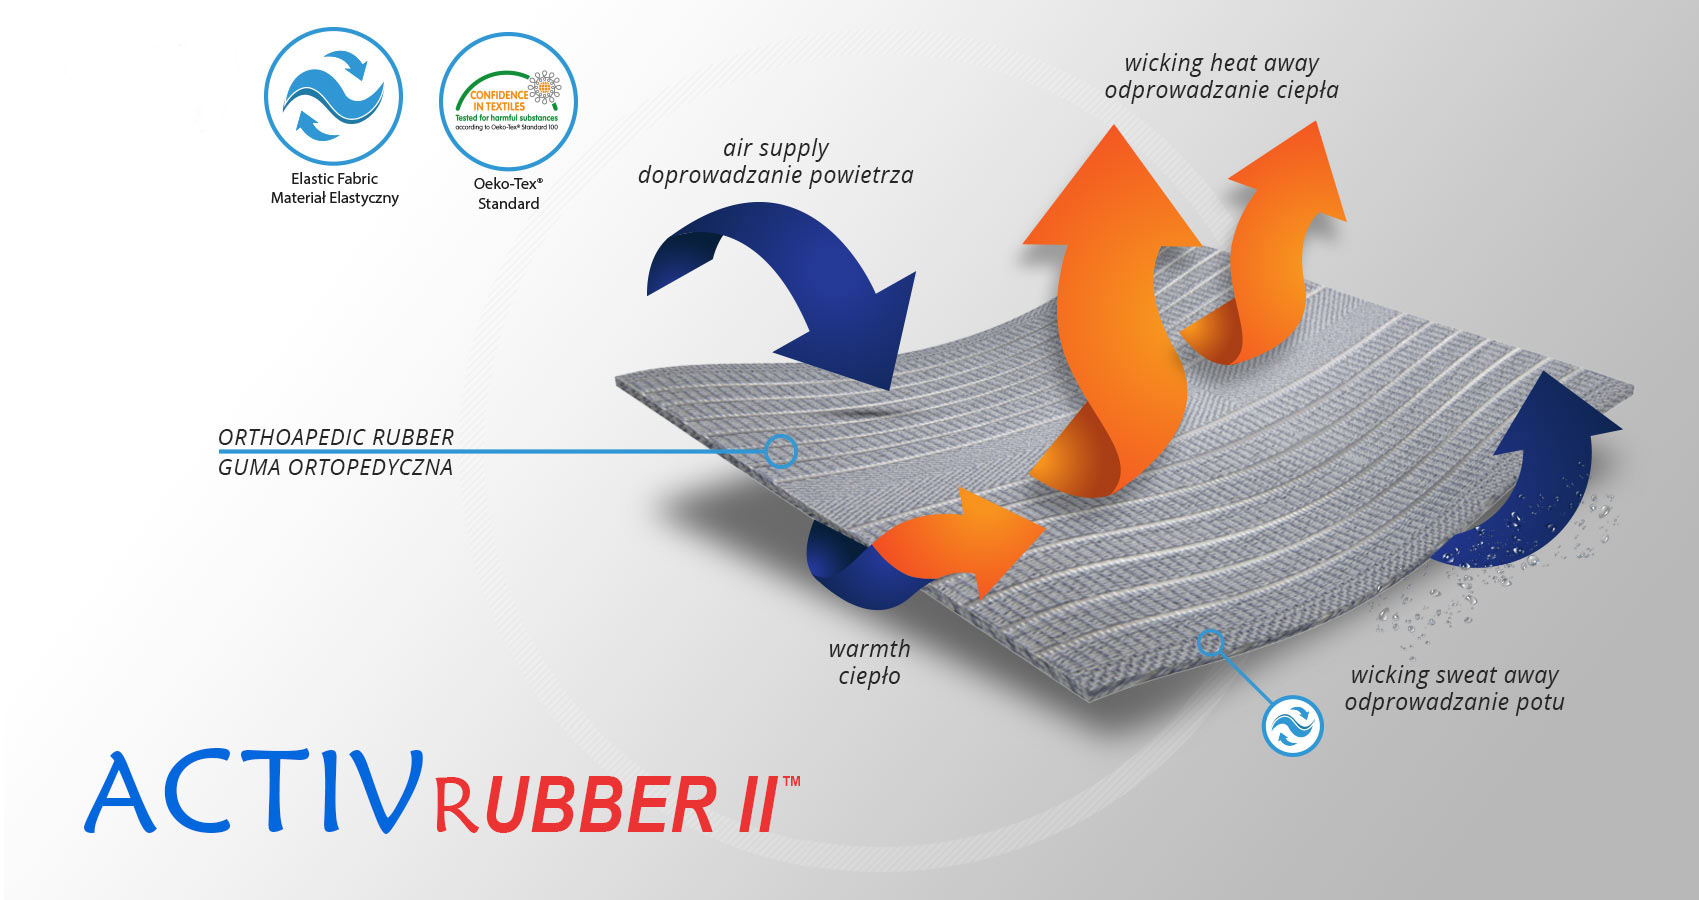 activ rubber 2